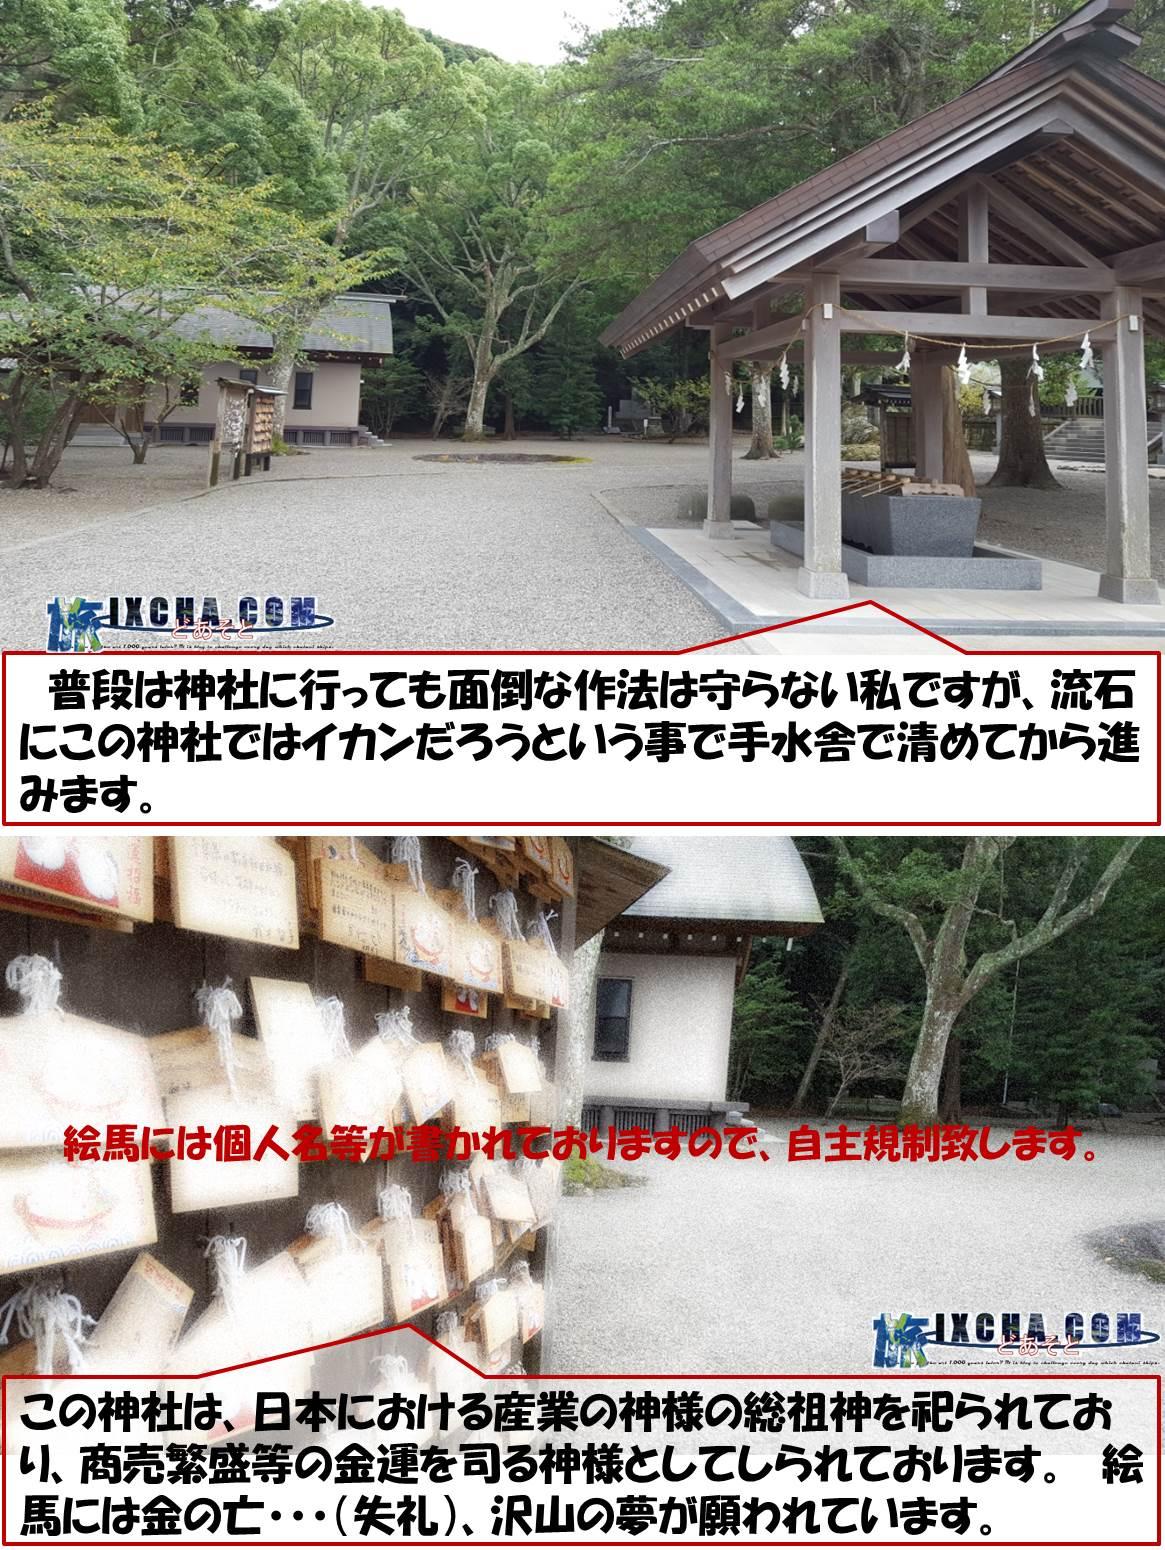 普段は神社に行っても面倒な作法は守らない私ですが、流石にこの神社ではイカンだろうという事で手水舎で清めてから進みます。  この神社は、日本における産業の神様の総祖神を祀られており、商売繁盛等の金運を司る神様としてしられております。 沢山の絵馬には金の亡・・・(失礼)、沢山の夢が願われています。